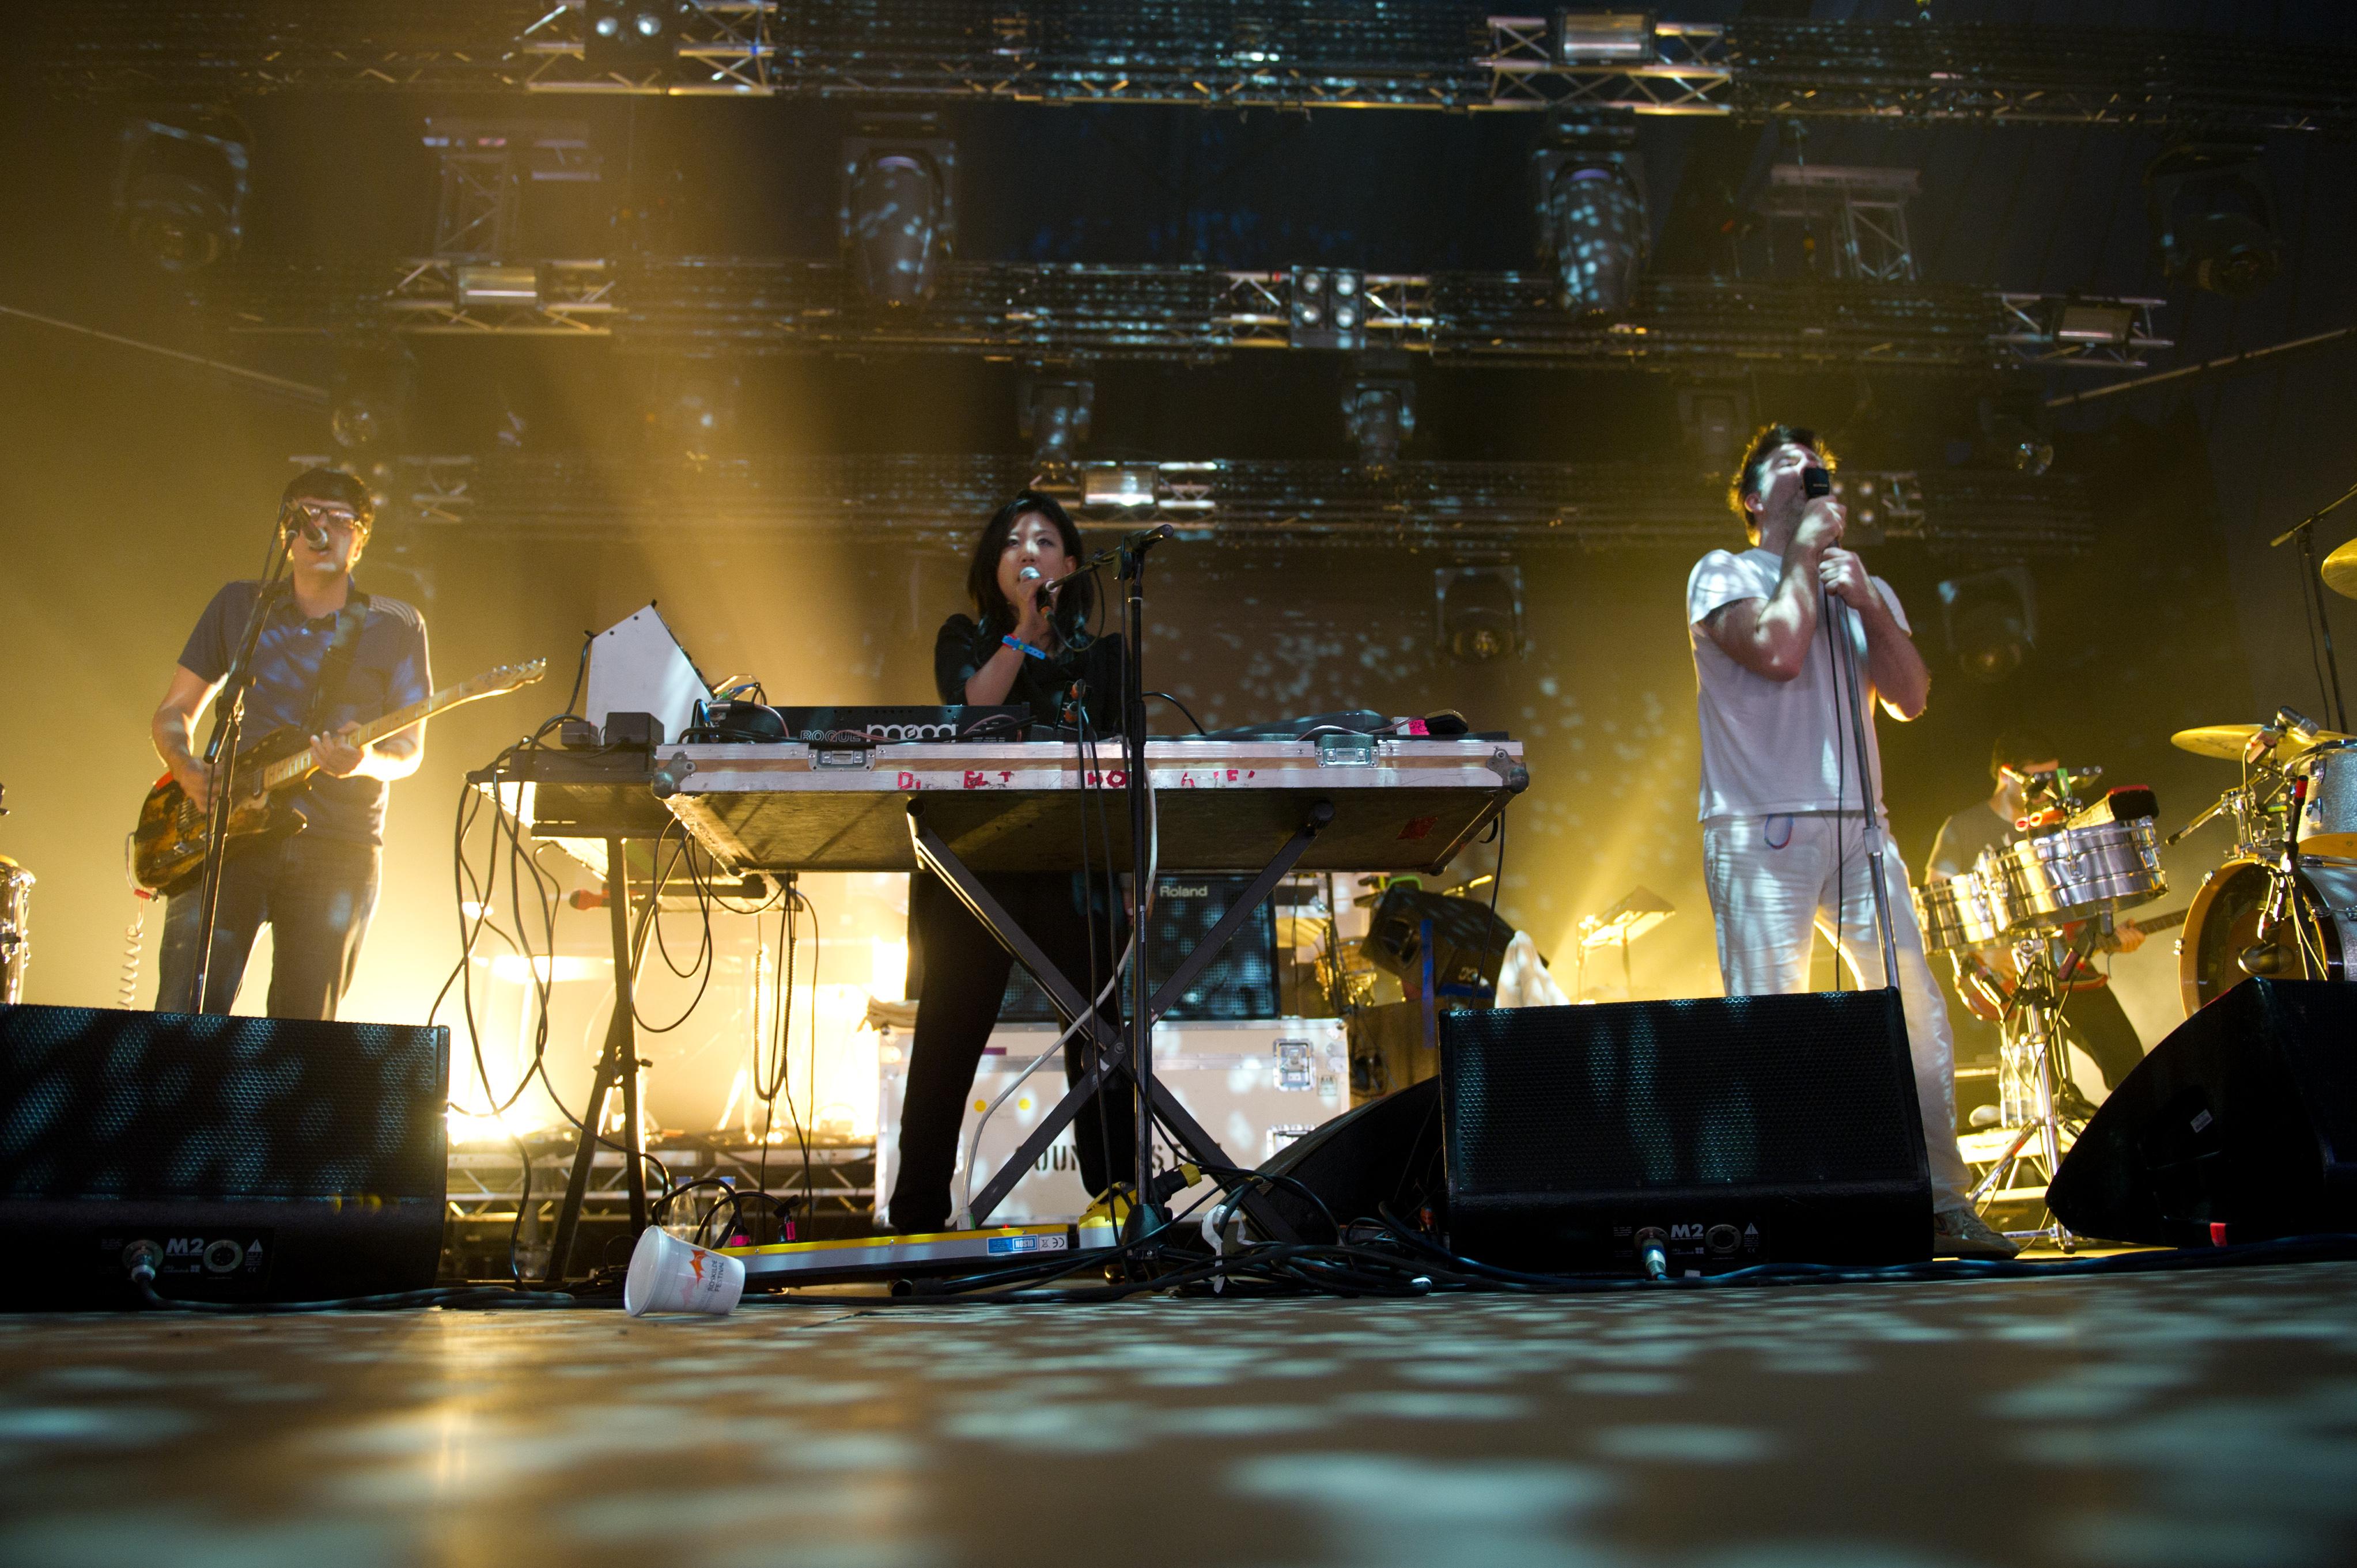 LCD_Soundsystem_-_Roskilde_Festival_2010